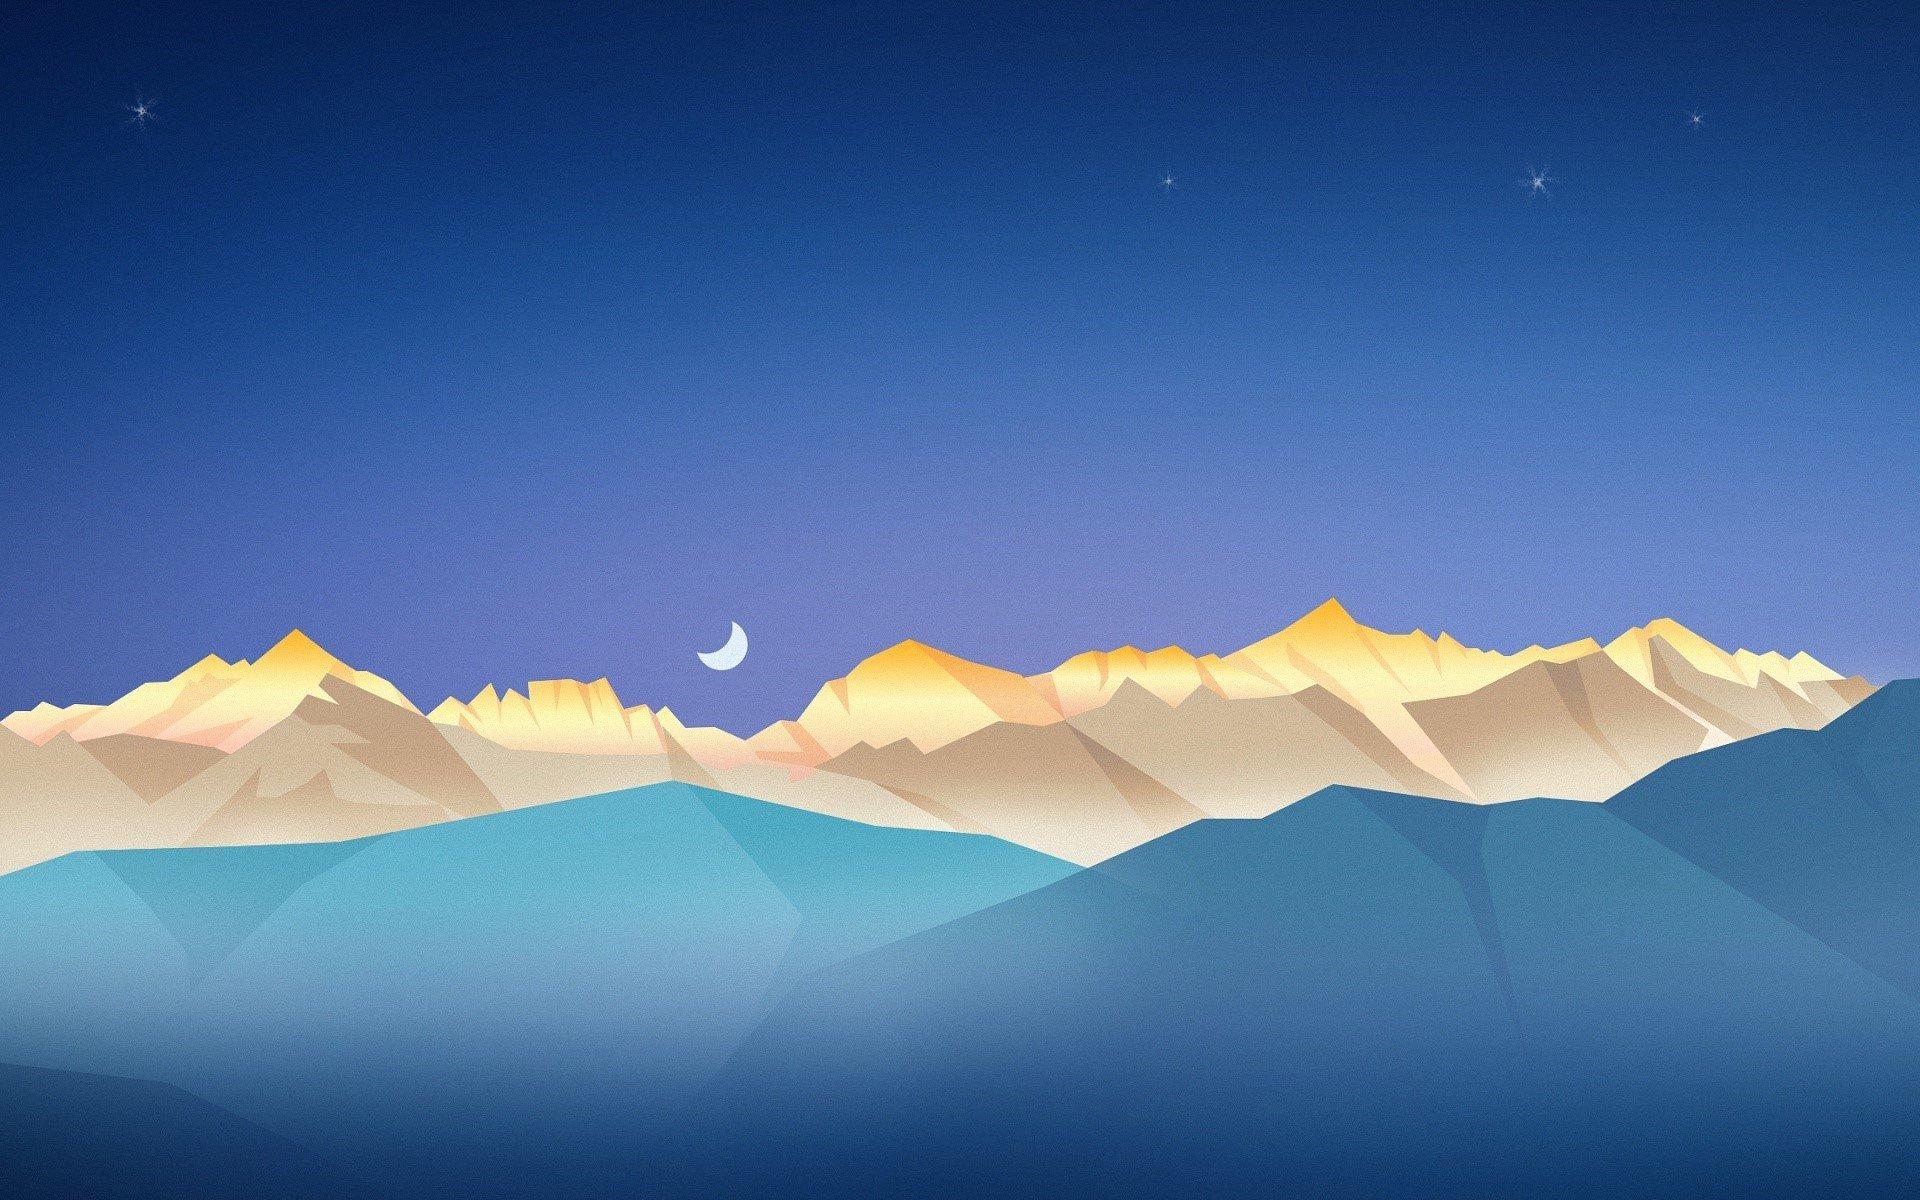 Fondos de pantalla Montañas bajo un cielo estrellado